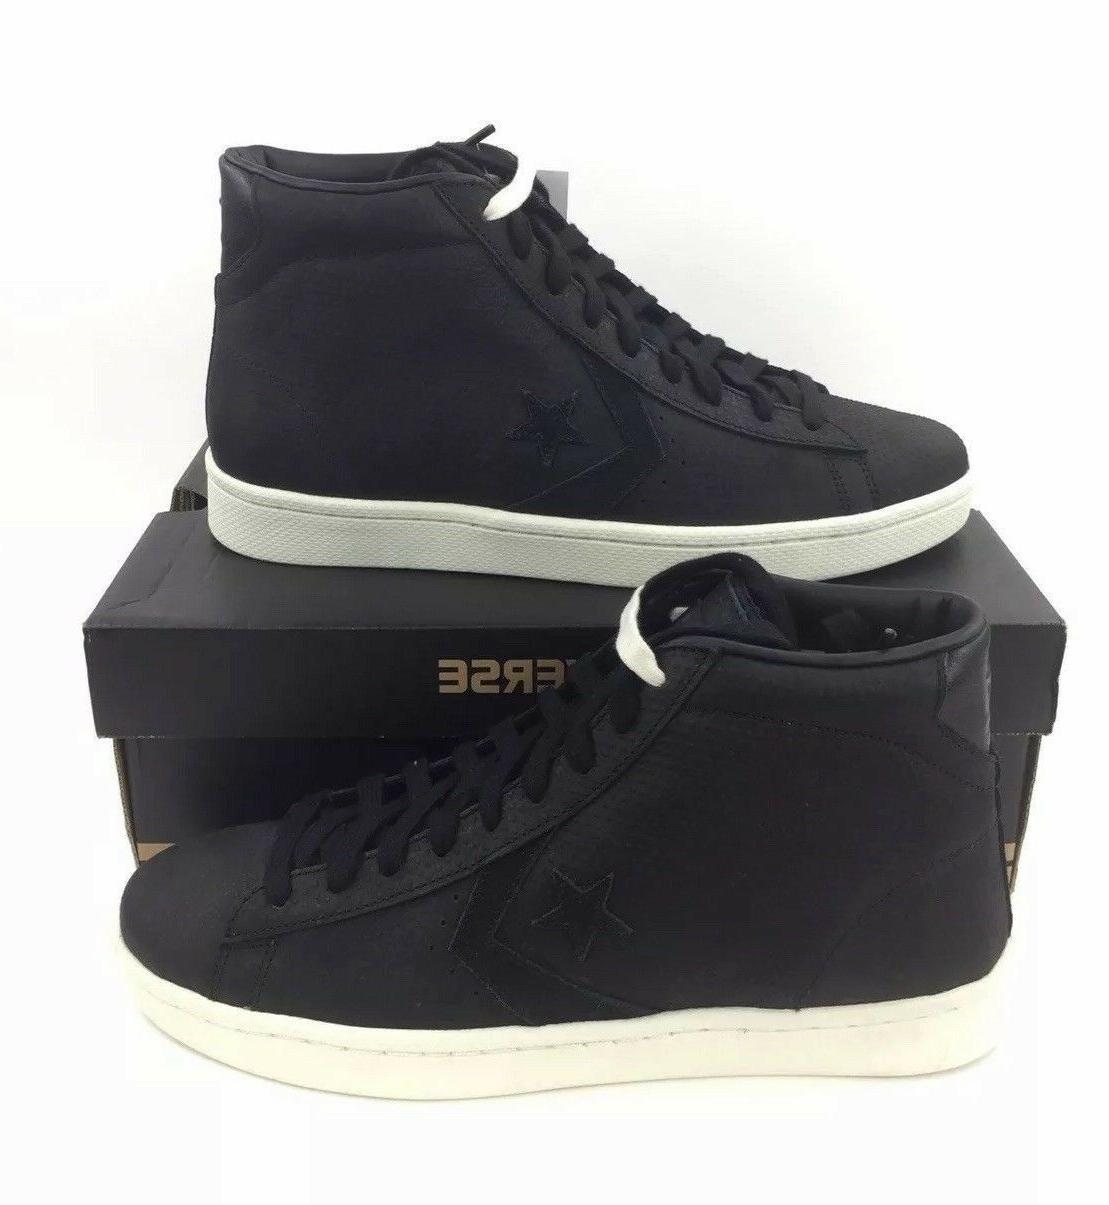 pro leather 76 mid shoes size men